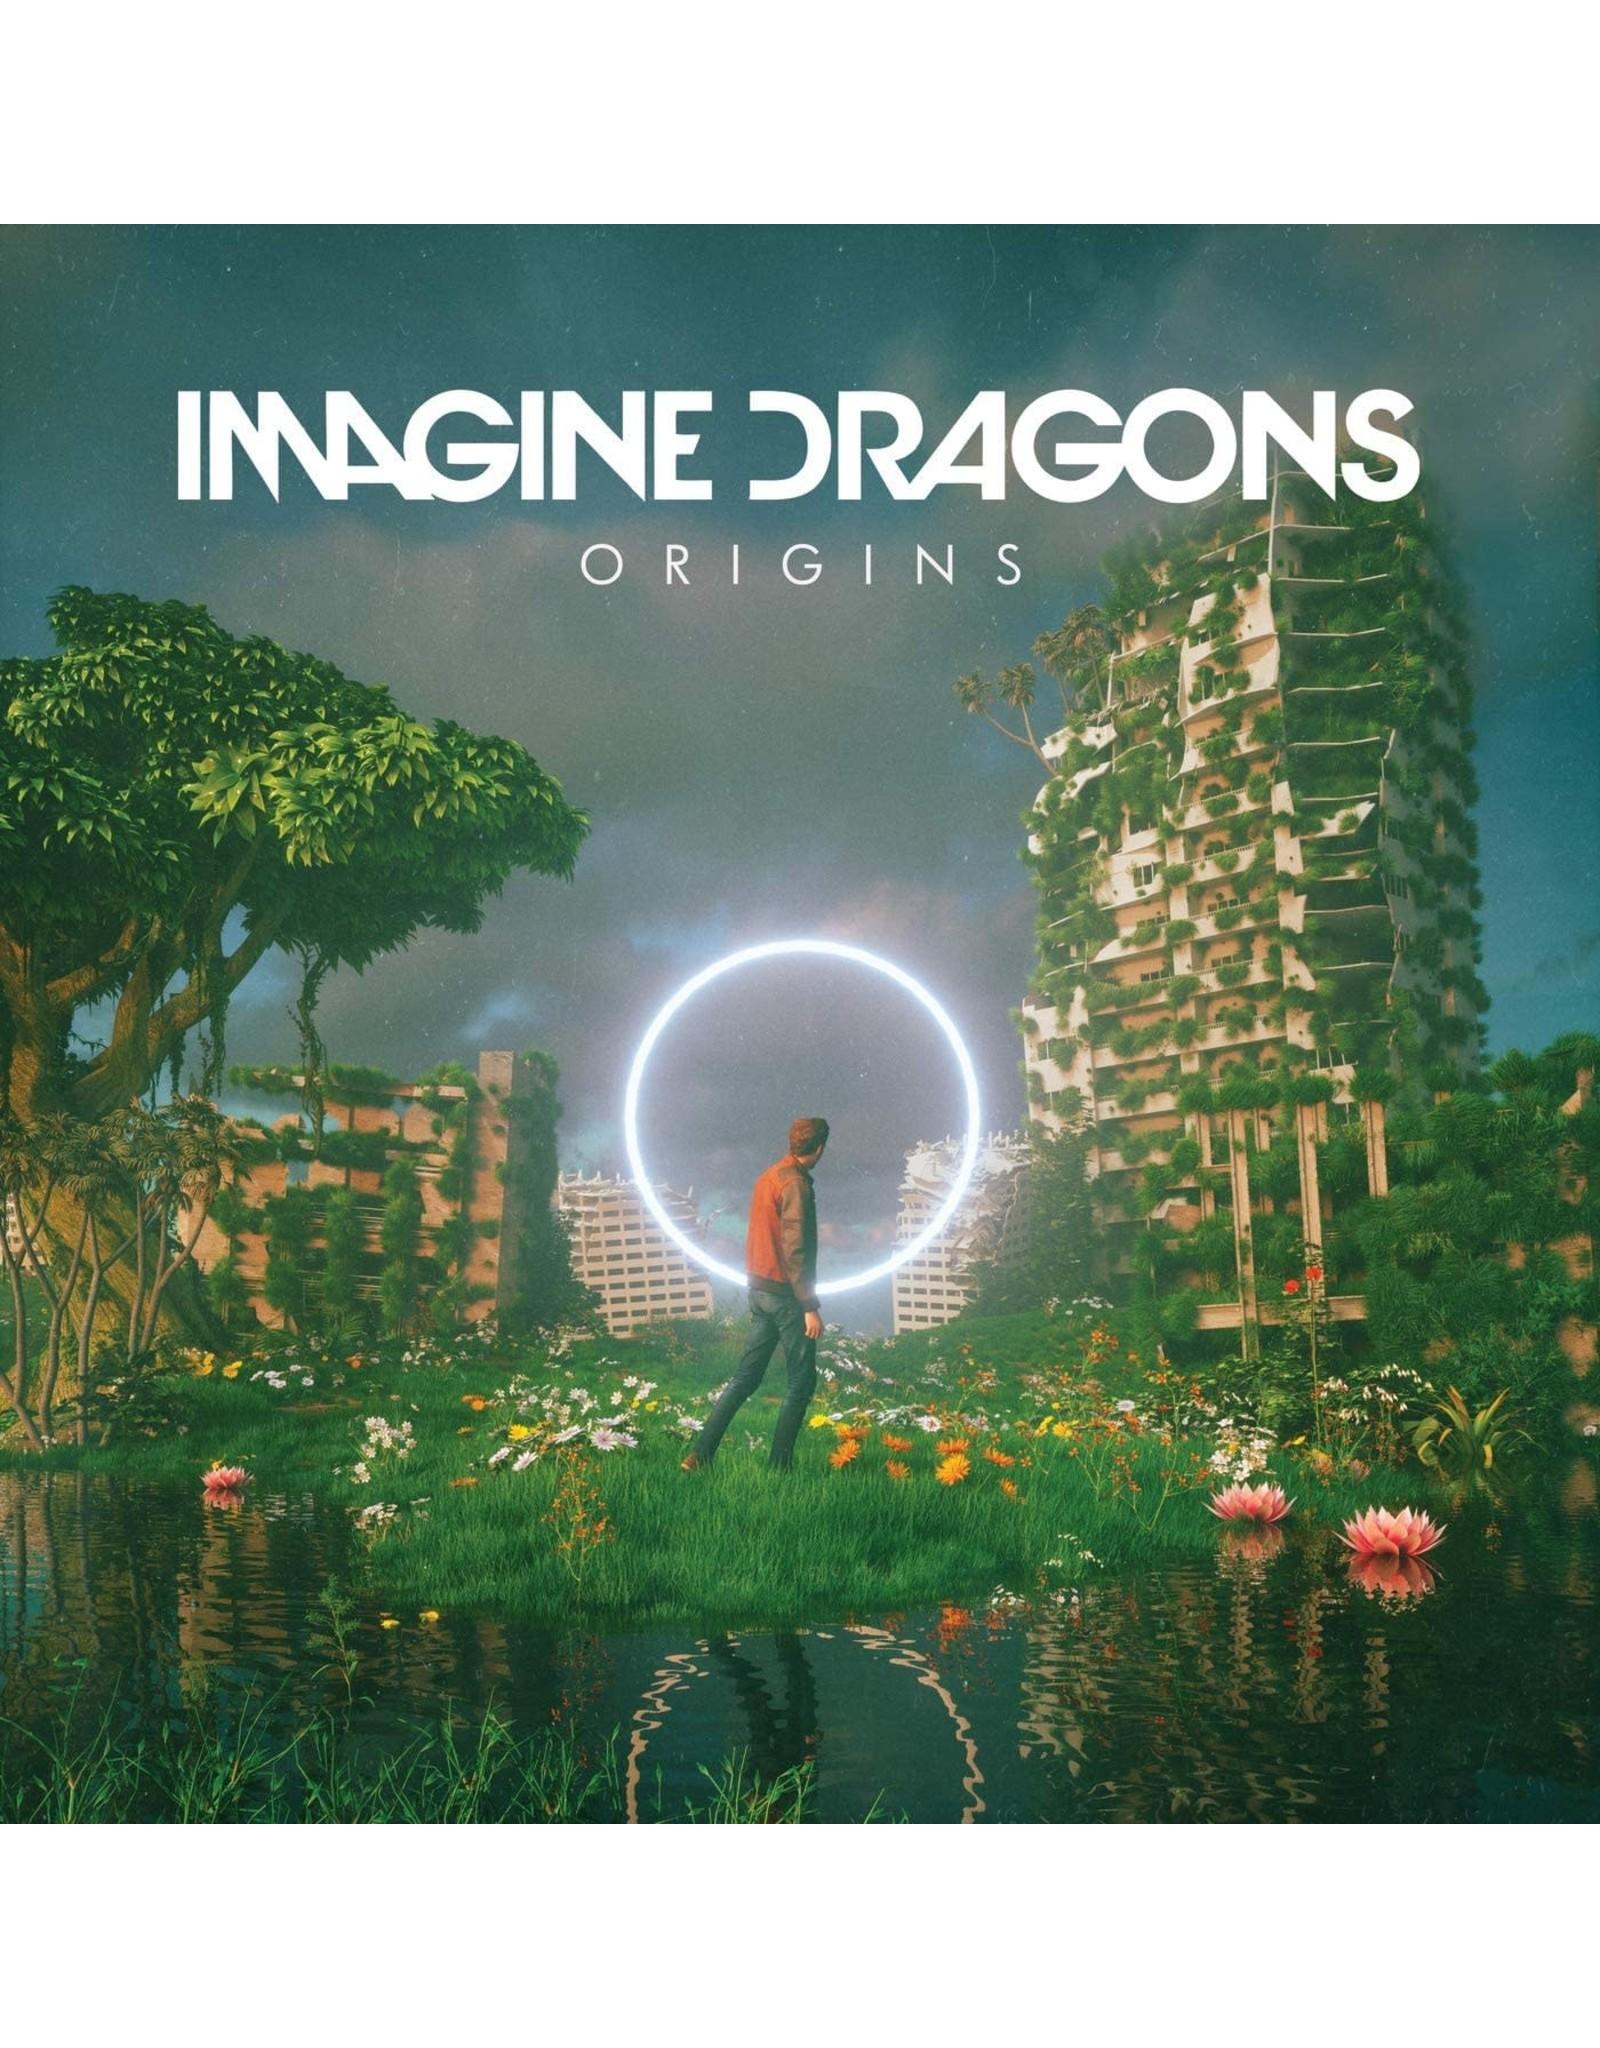 Imagine Dragons - Origins 2LP